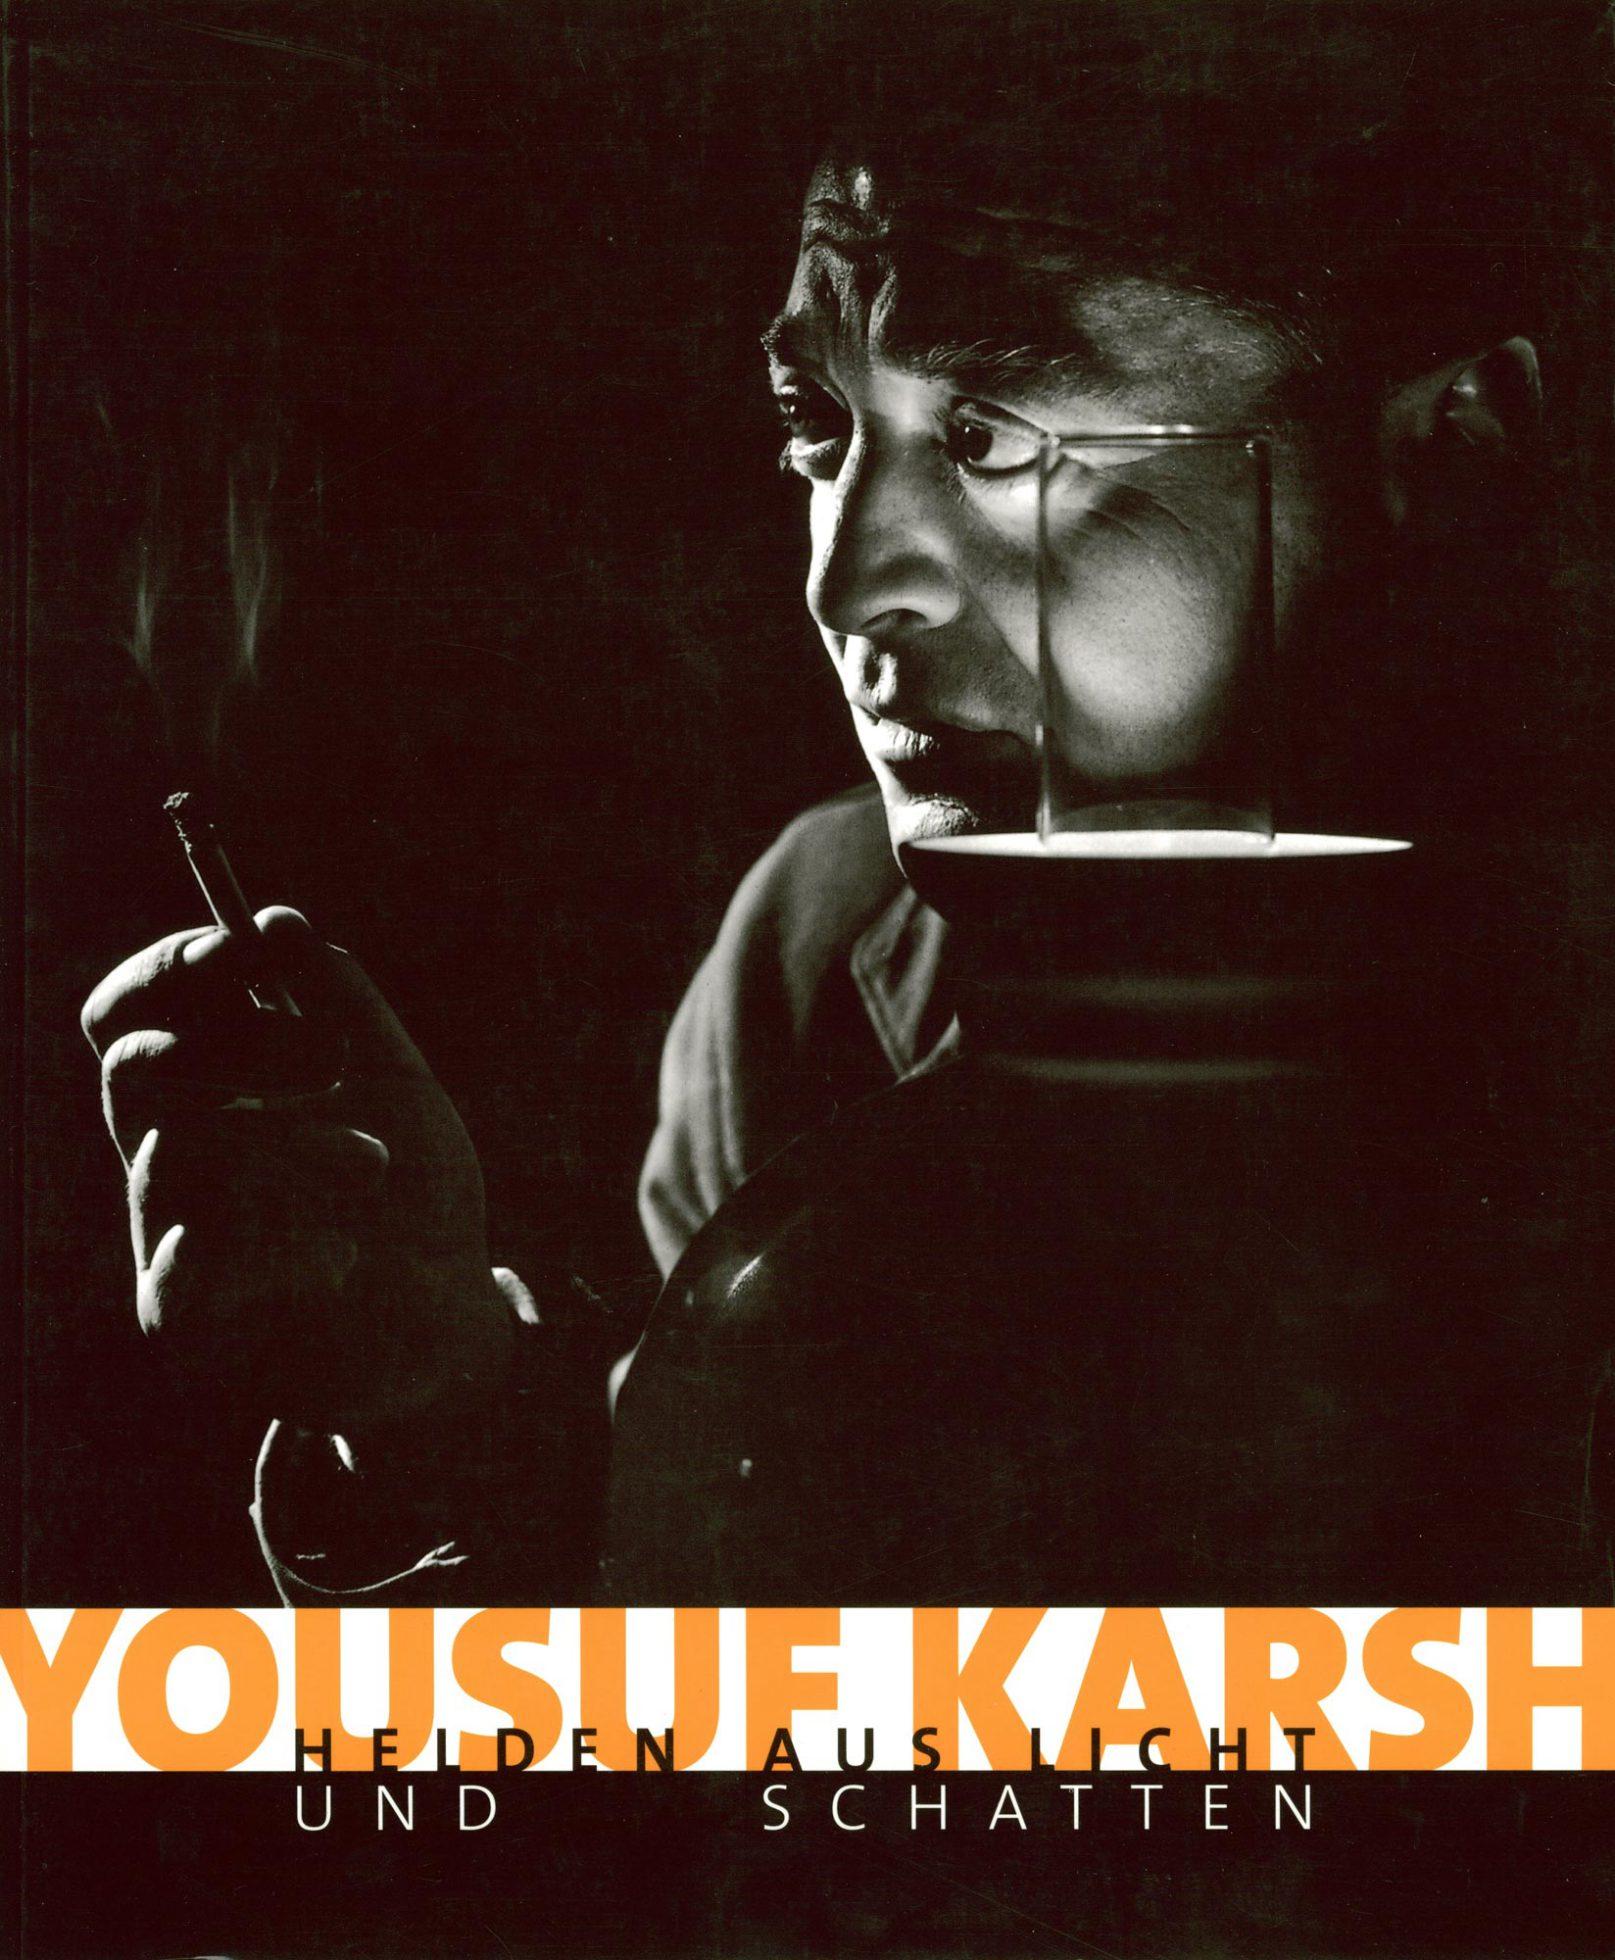 Yousuf Karsh: Helden aus Licht und Schatten